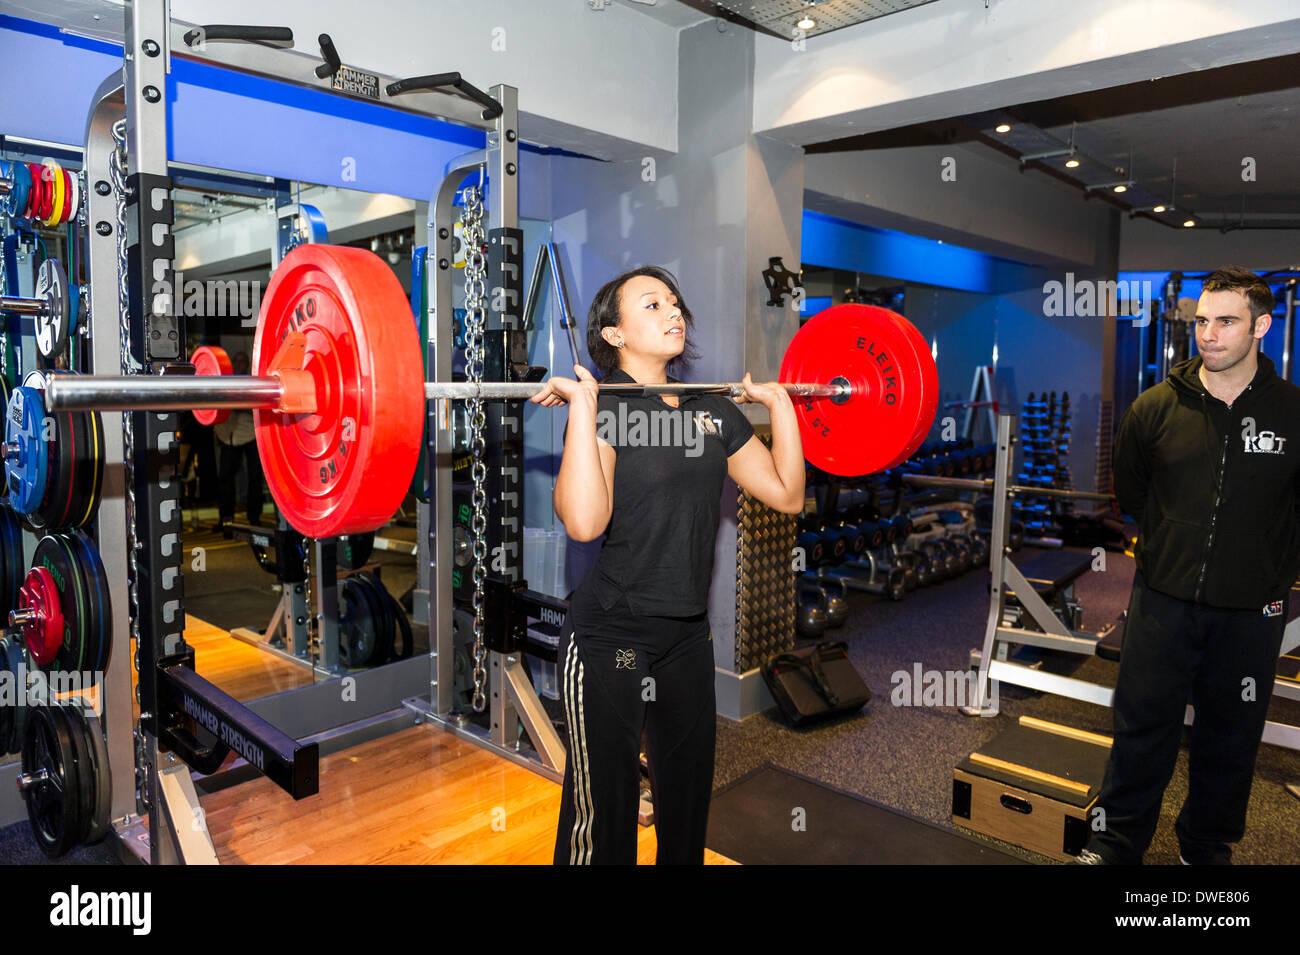 NEC di Birmingham, UK. Giovedì 6 marzo. 2014: Zoe Smith, inglese weightlifter e Olympian al lancio della BodyPowerExpo conferenza stampa. Zoe, che ora è un KBTEducation atleta sponsorizzato e funziona come parte del team KBTEducation, ha dato una serie di dimostrazioni in tecniche di sollevamento pesi allenata da Sam Dovey.. Fotografo; Gordon Scammell/Alamy Live News. Immagini Stock